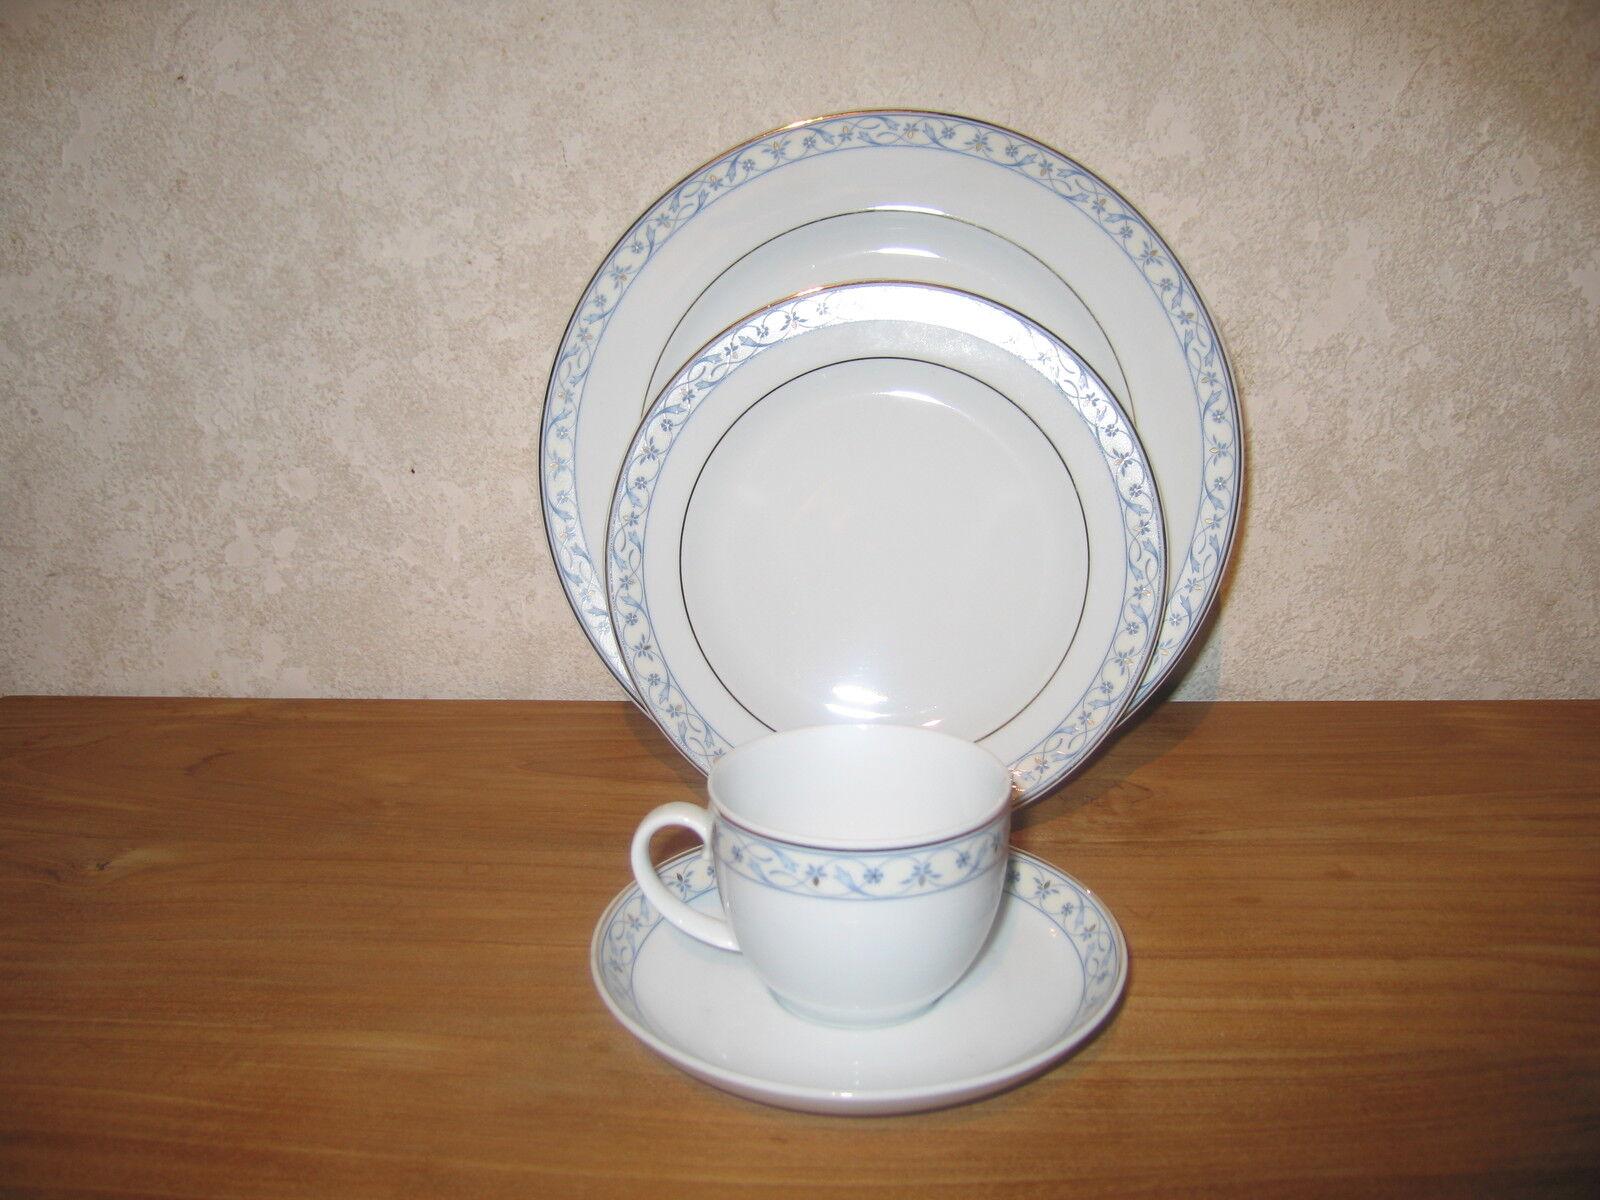 SELTMANN WEIDEN NEW RENAISSANCE BLEU Set 2 assiettes + 1 tasse Plates + cup